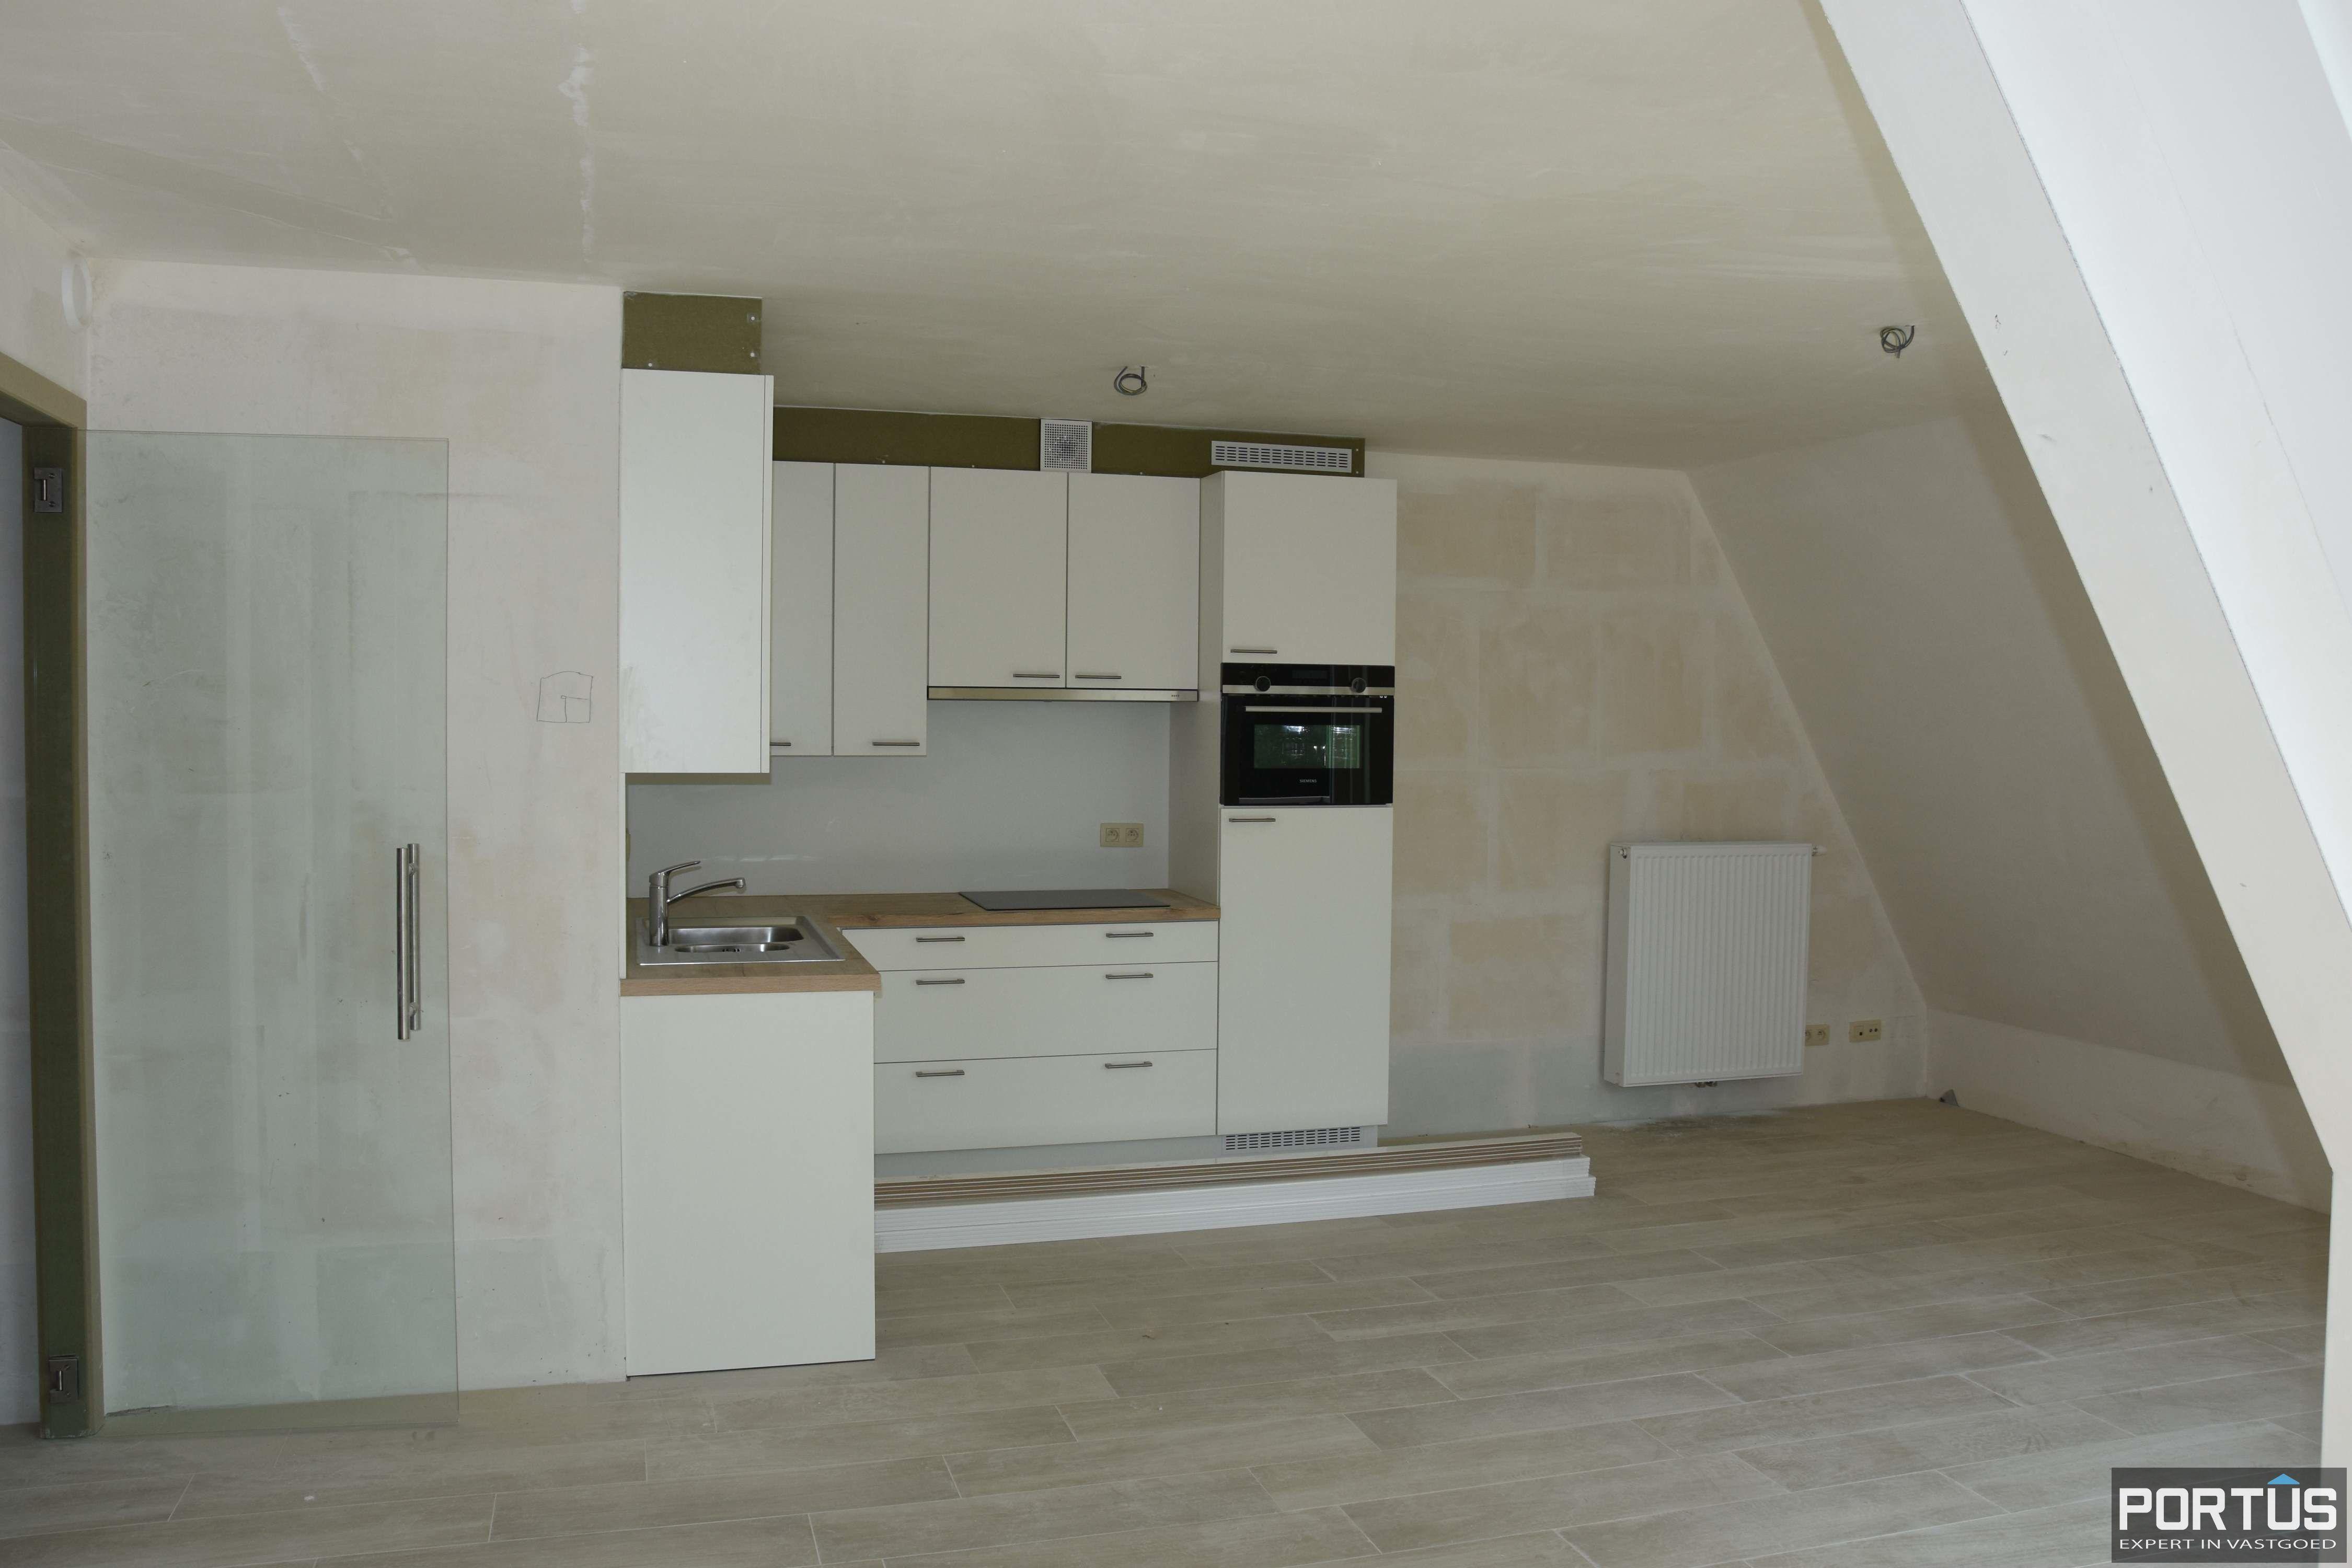 Appartement Residentie Villa Crombez Nieuwpoort - 8377